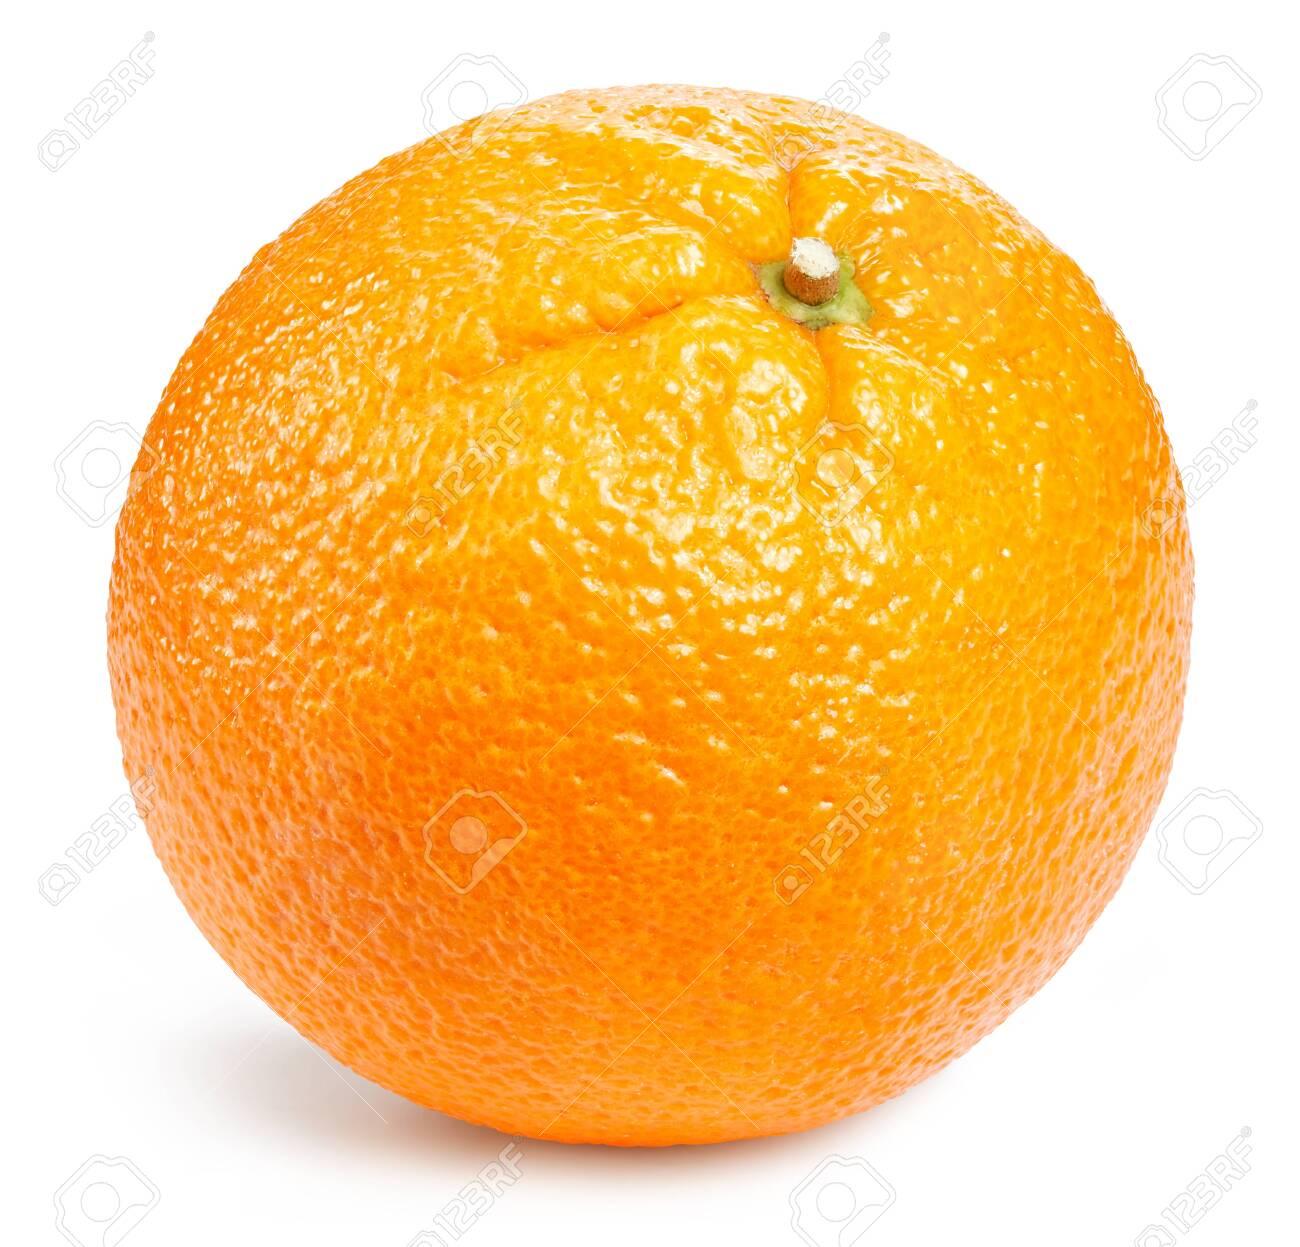 Orange fruits isolated on white - 130842796